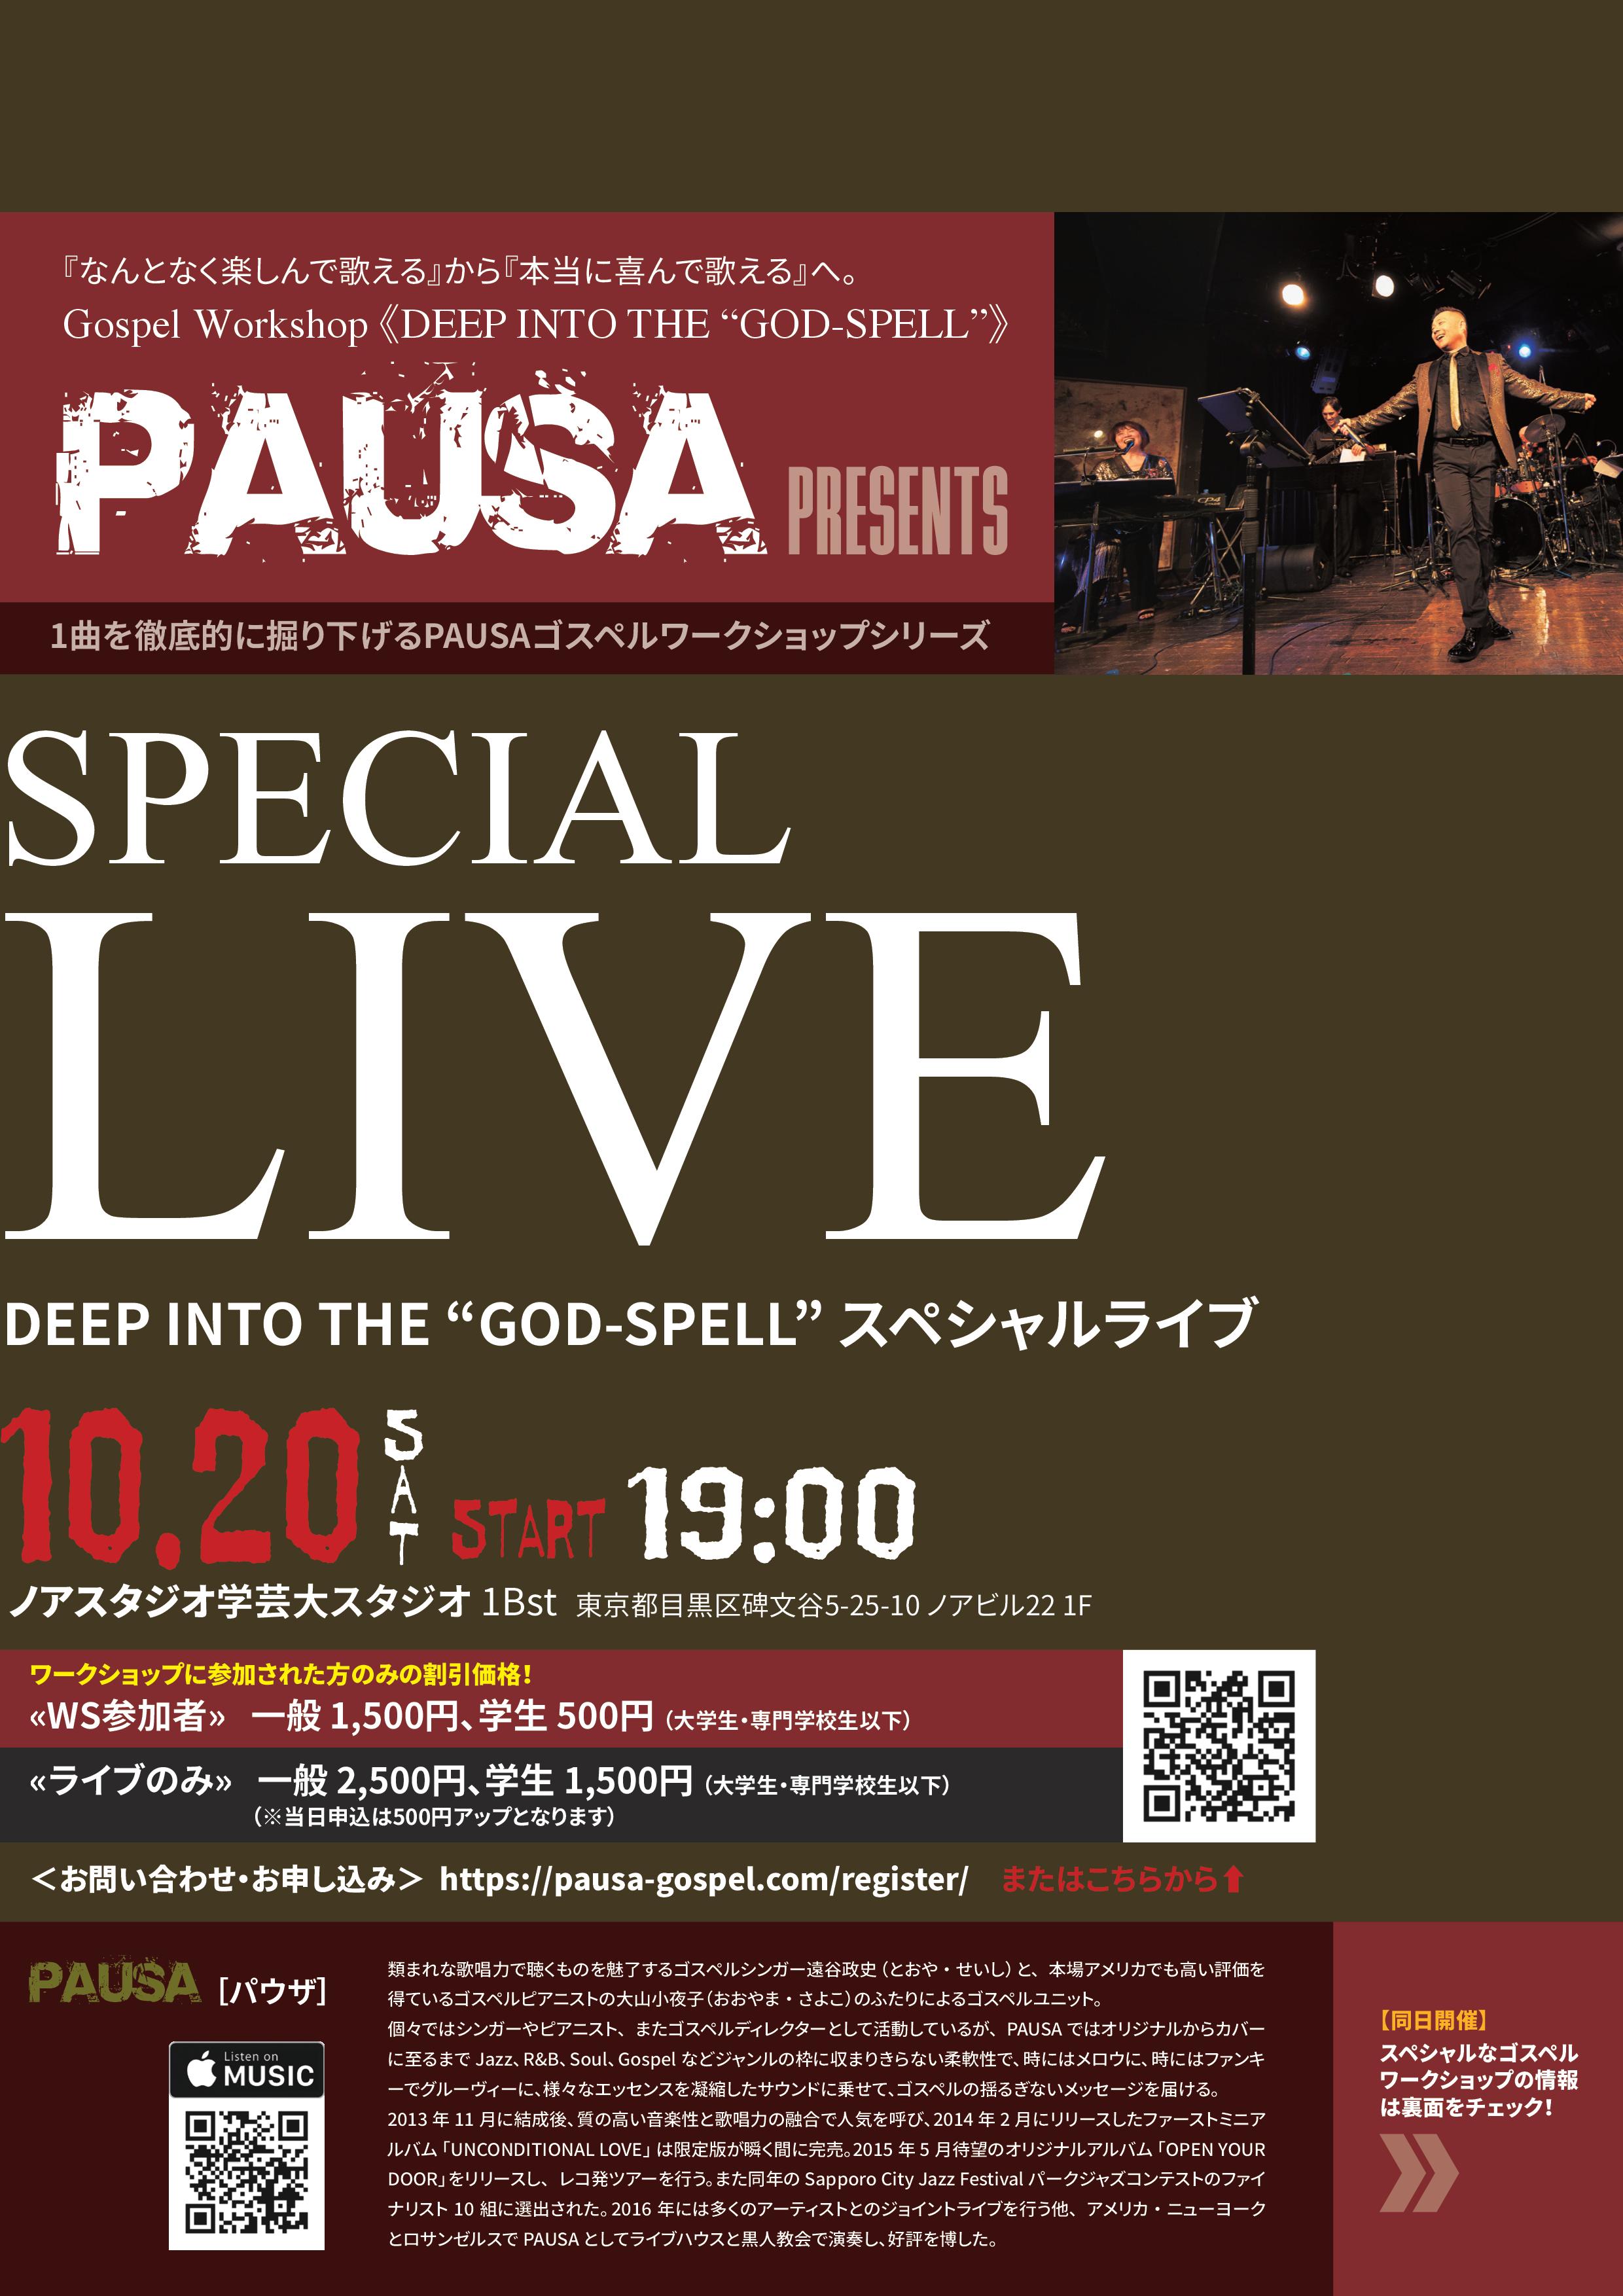 [2018.10.20 SAT] PAUSA スペシャルライブ in 東京